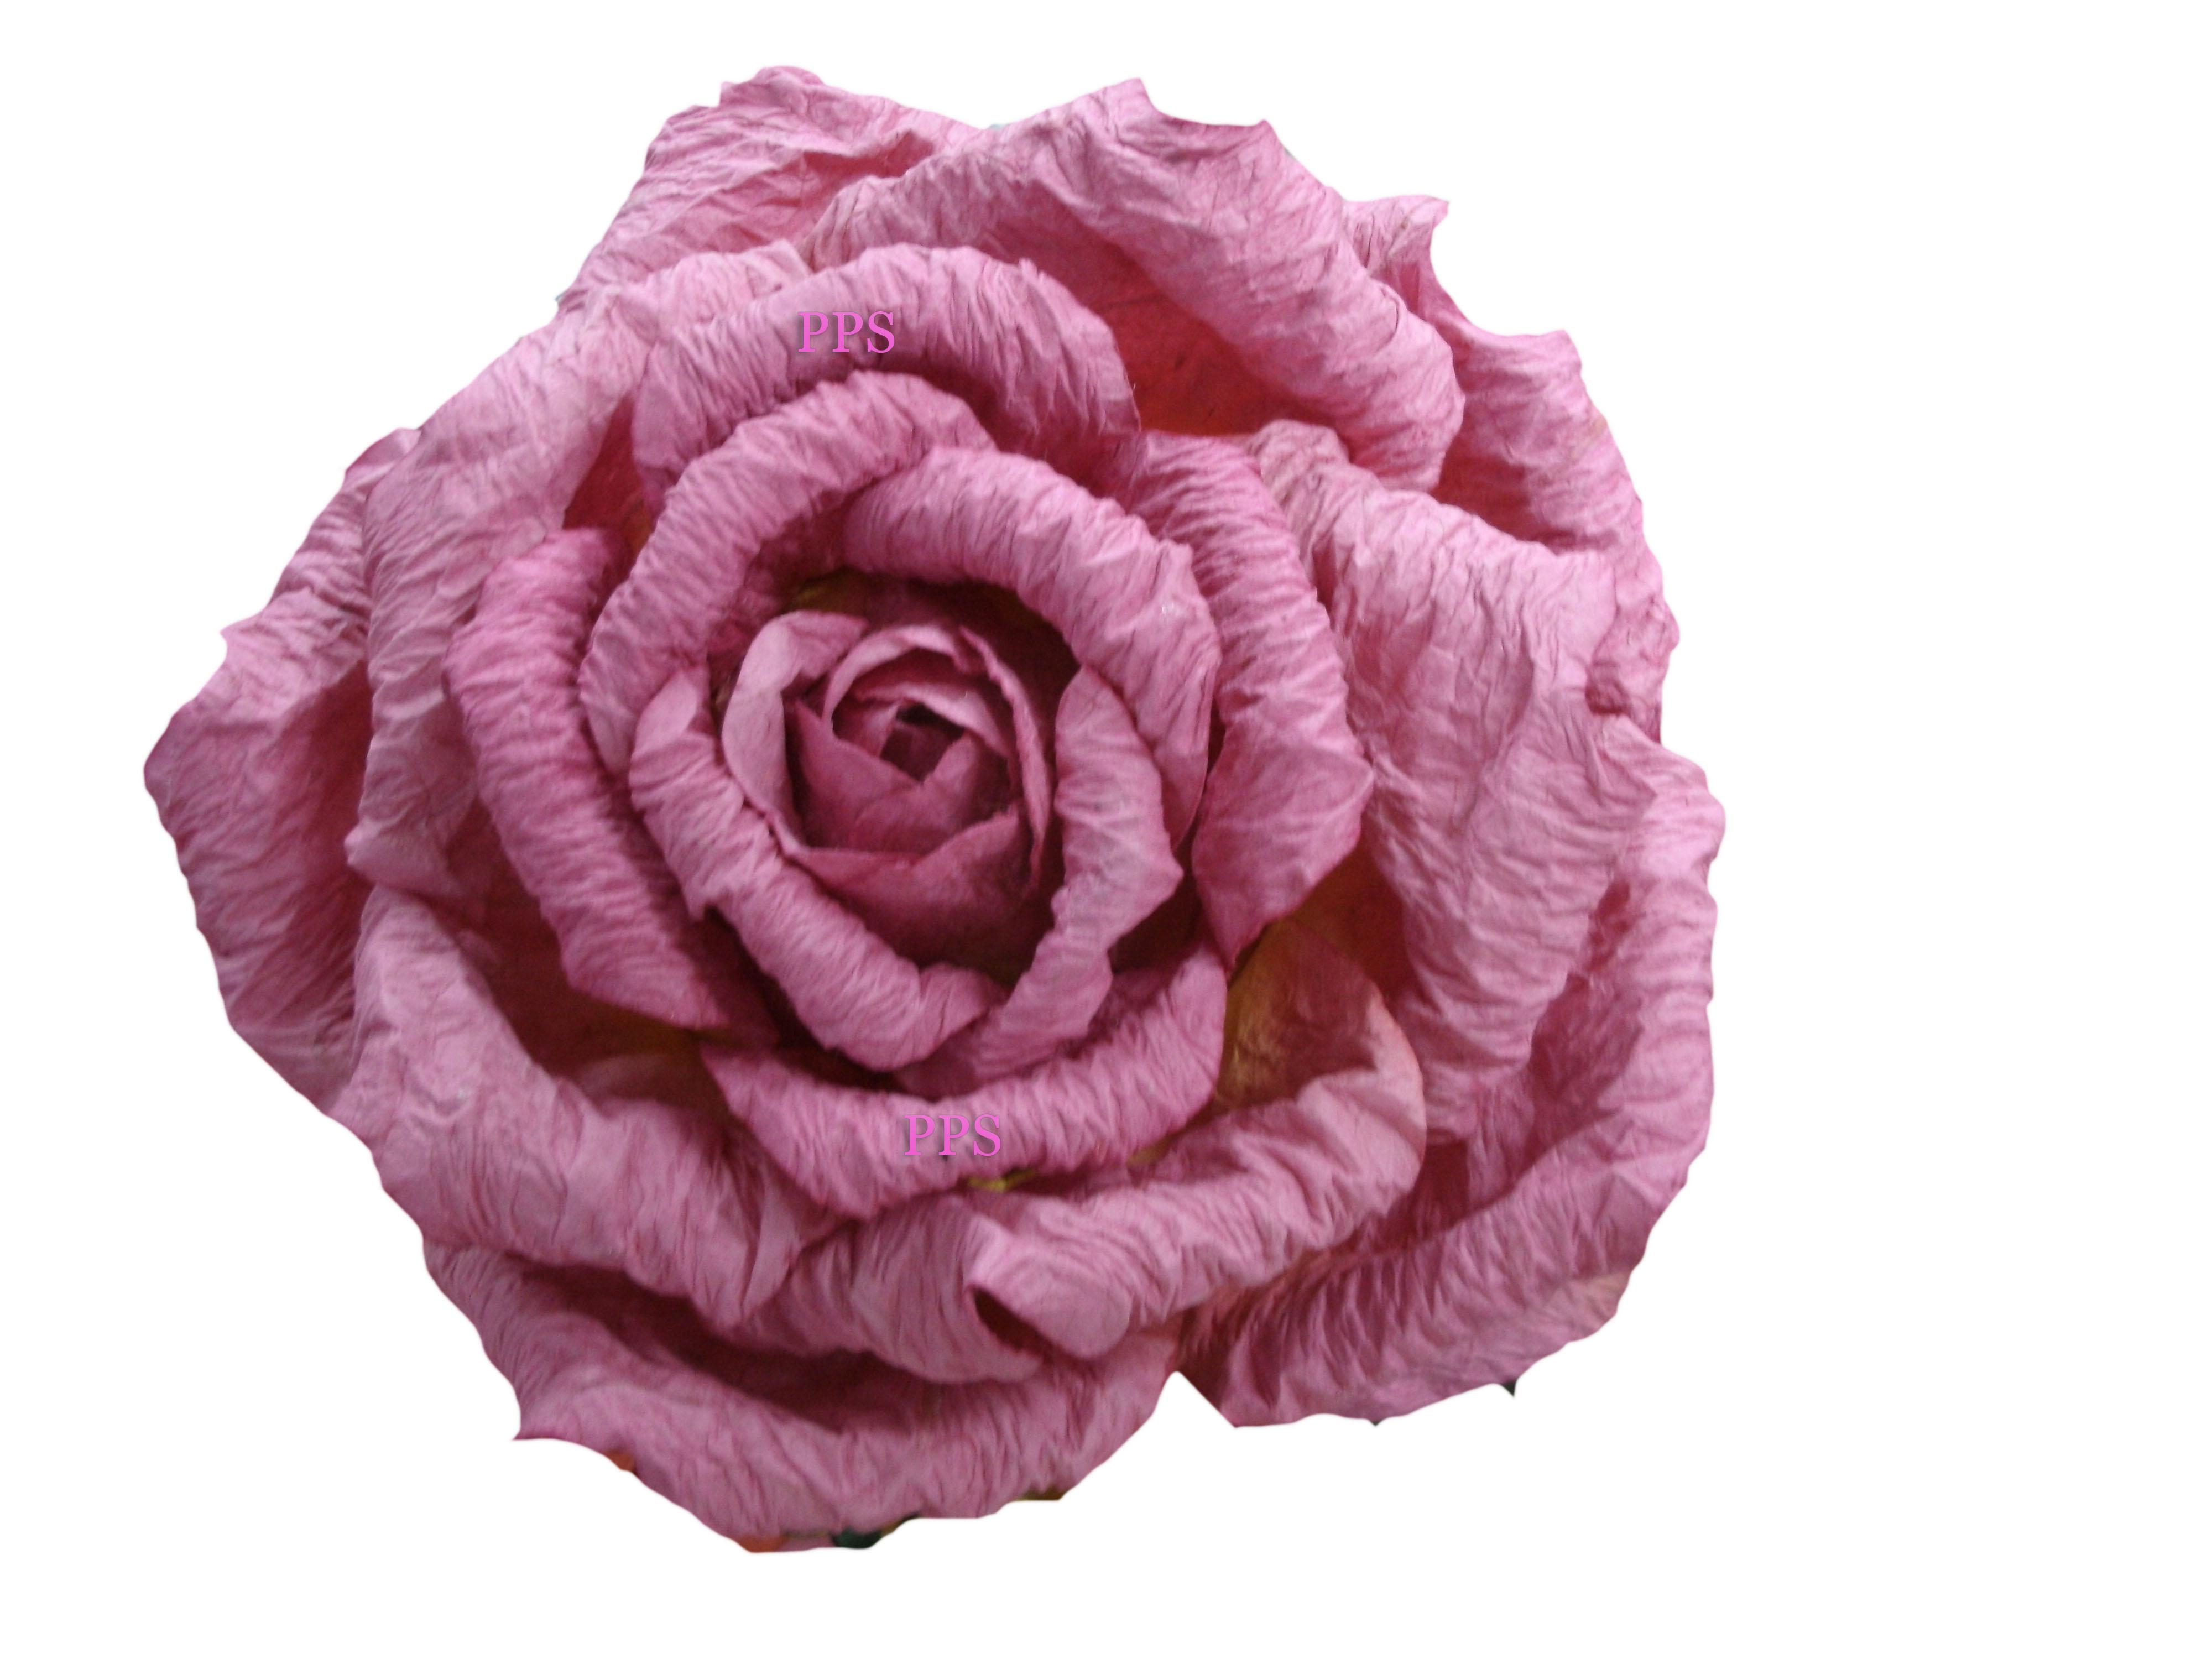 pinkrose-35